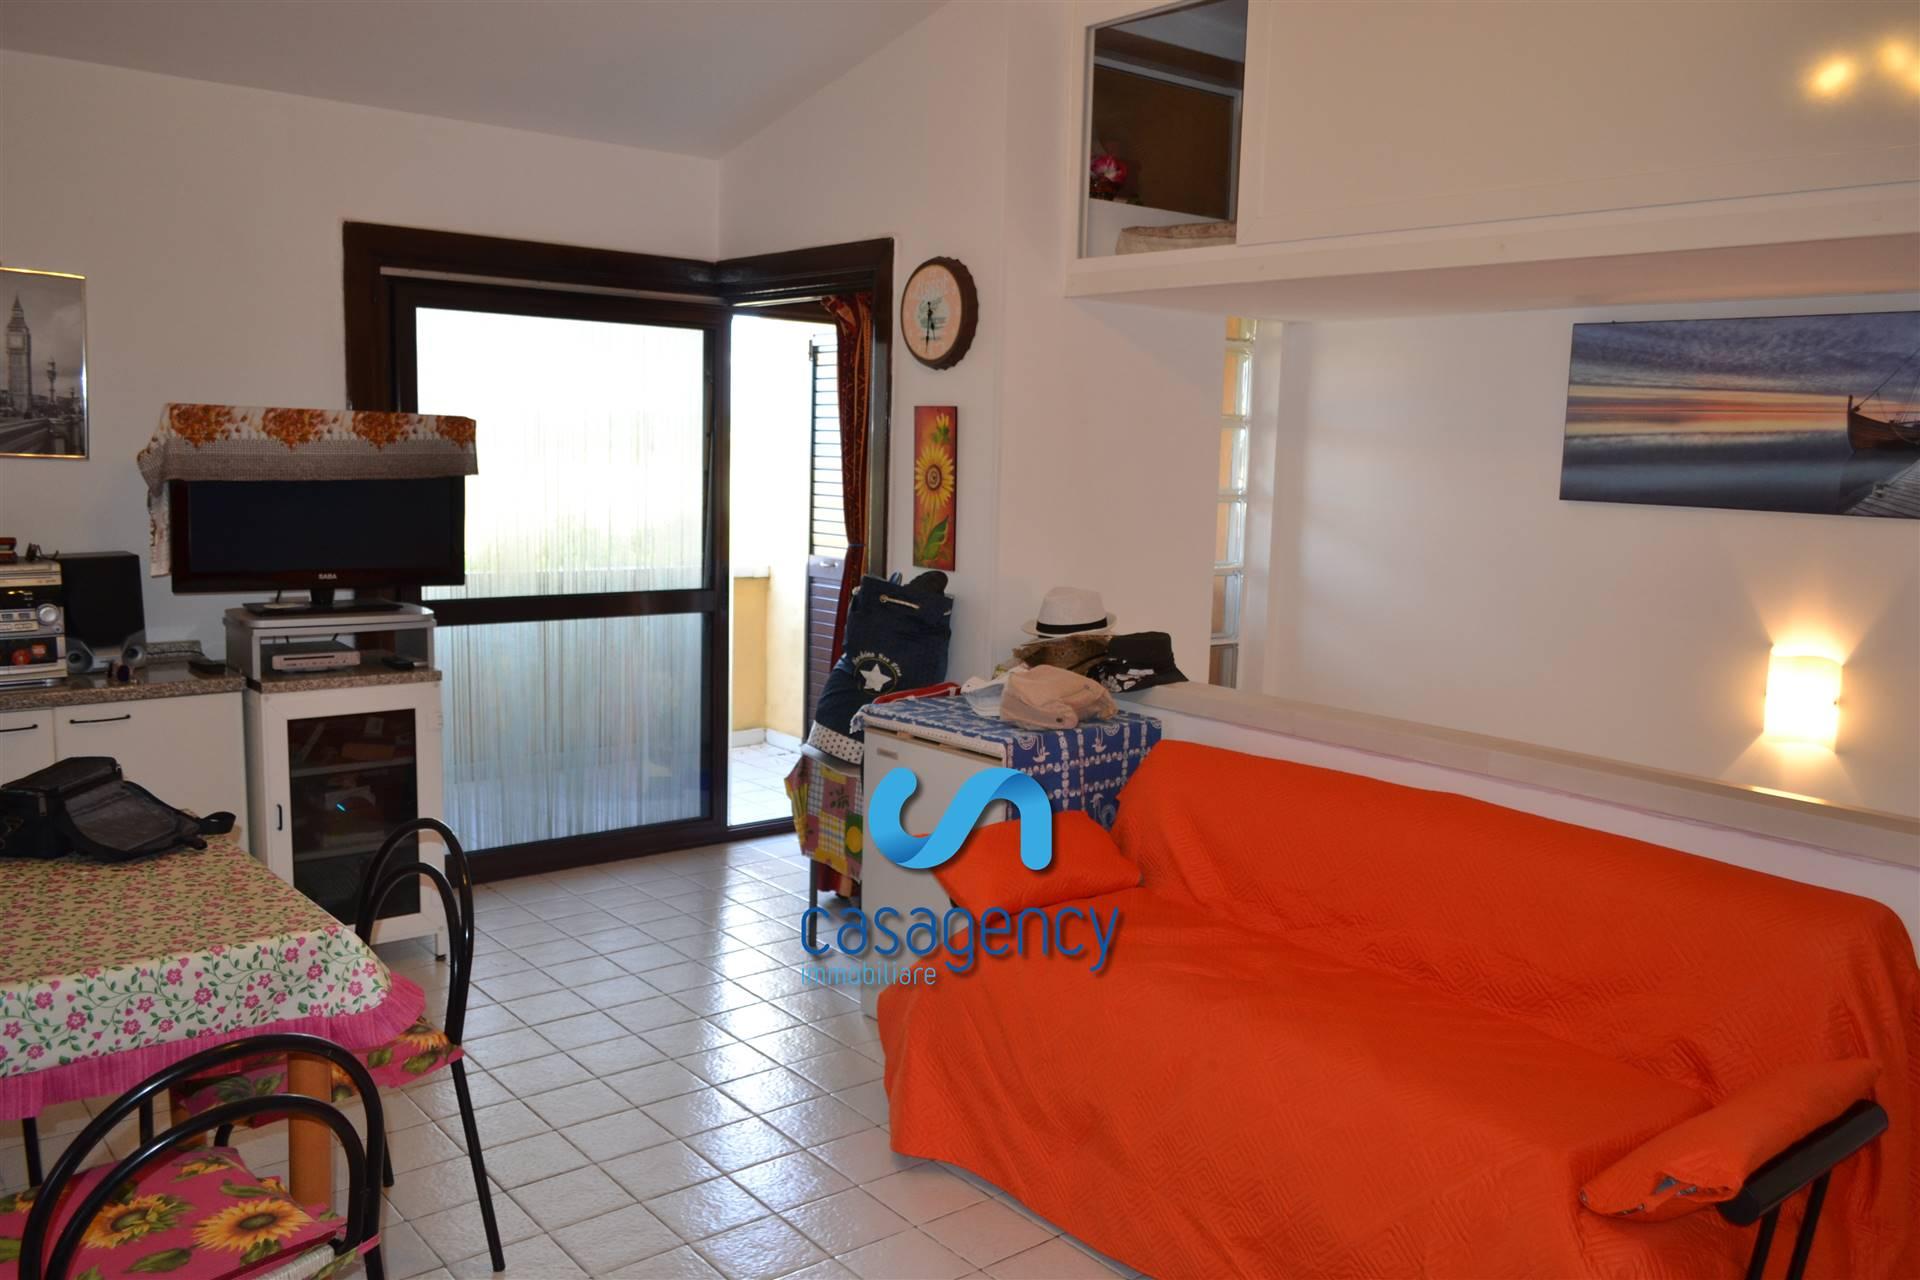 Appartamento in vendita a Bernalda, 2 locali, zona Località: METAPONTO LIDO, prezzo € 65.000 | PortaleAgenzieImmobiliari.it